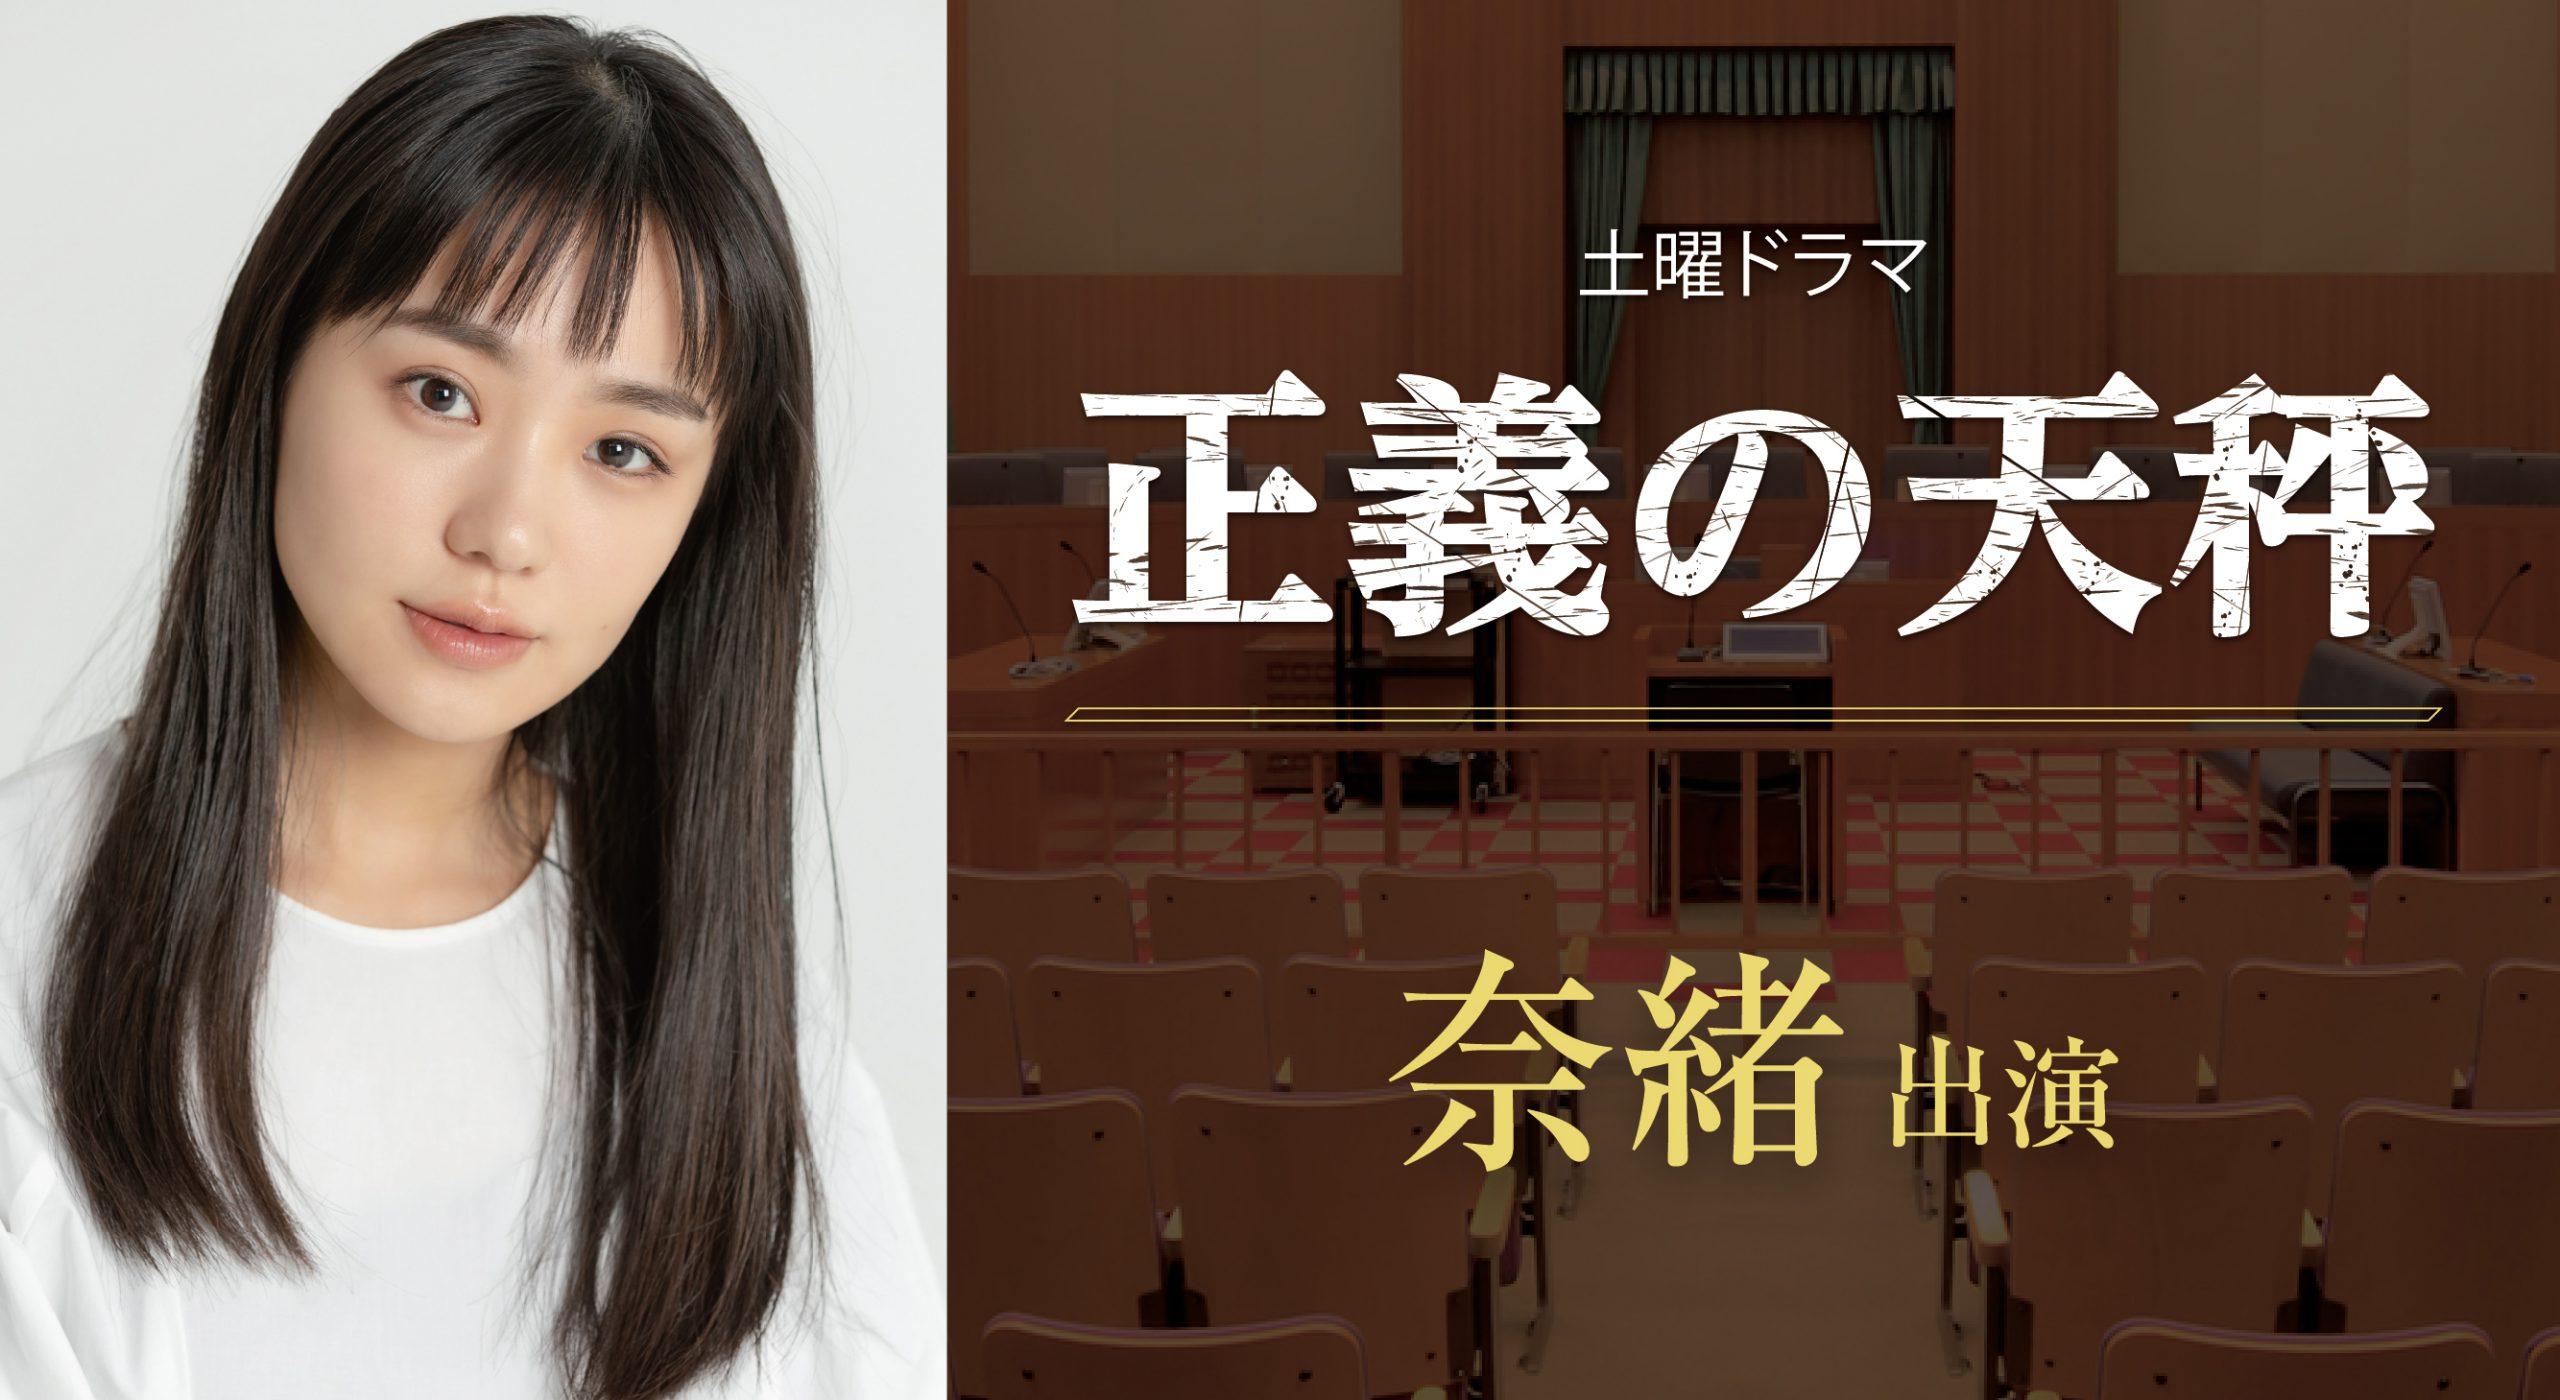 奈緒 NHK「正義の天秤」